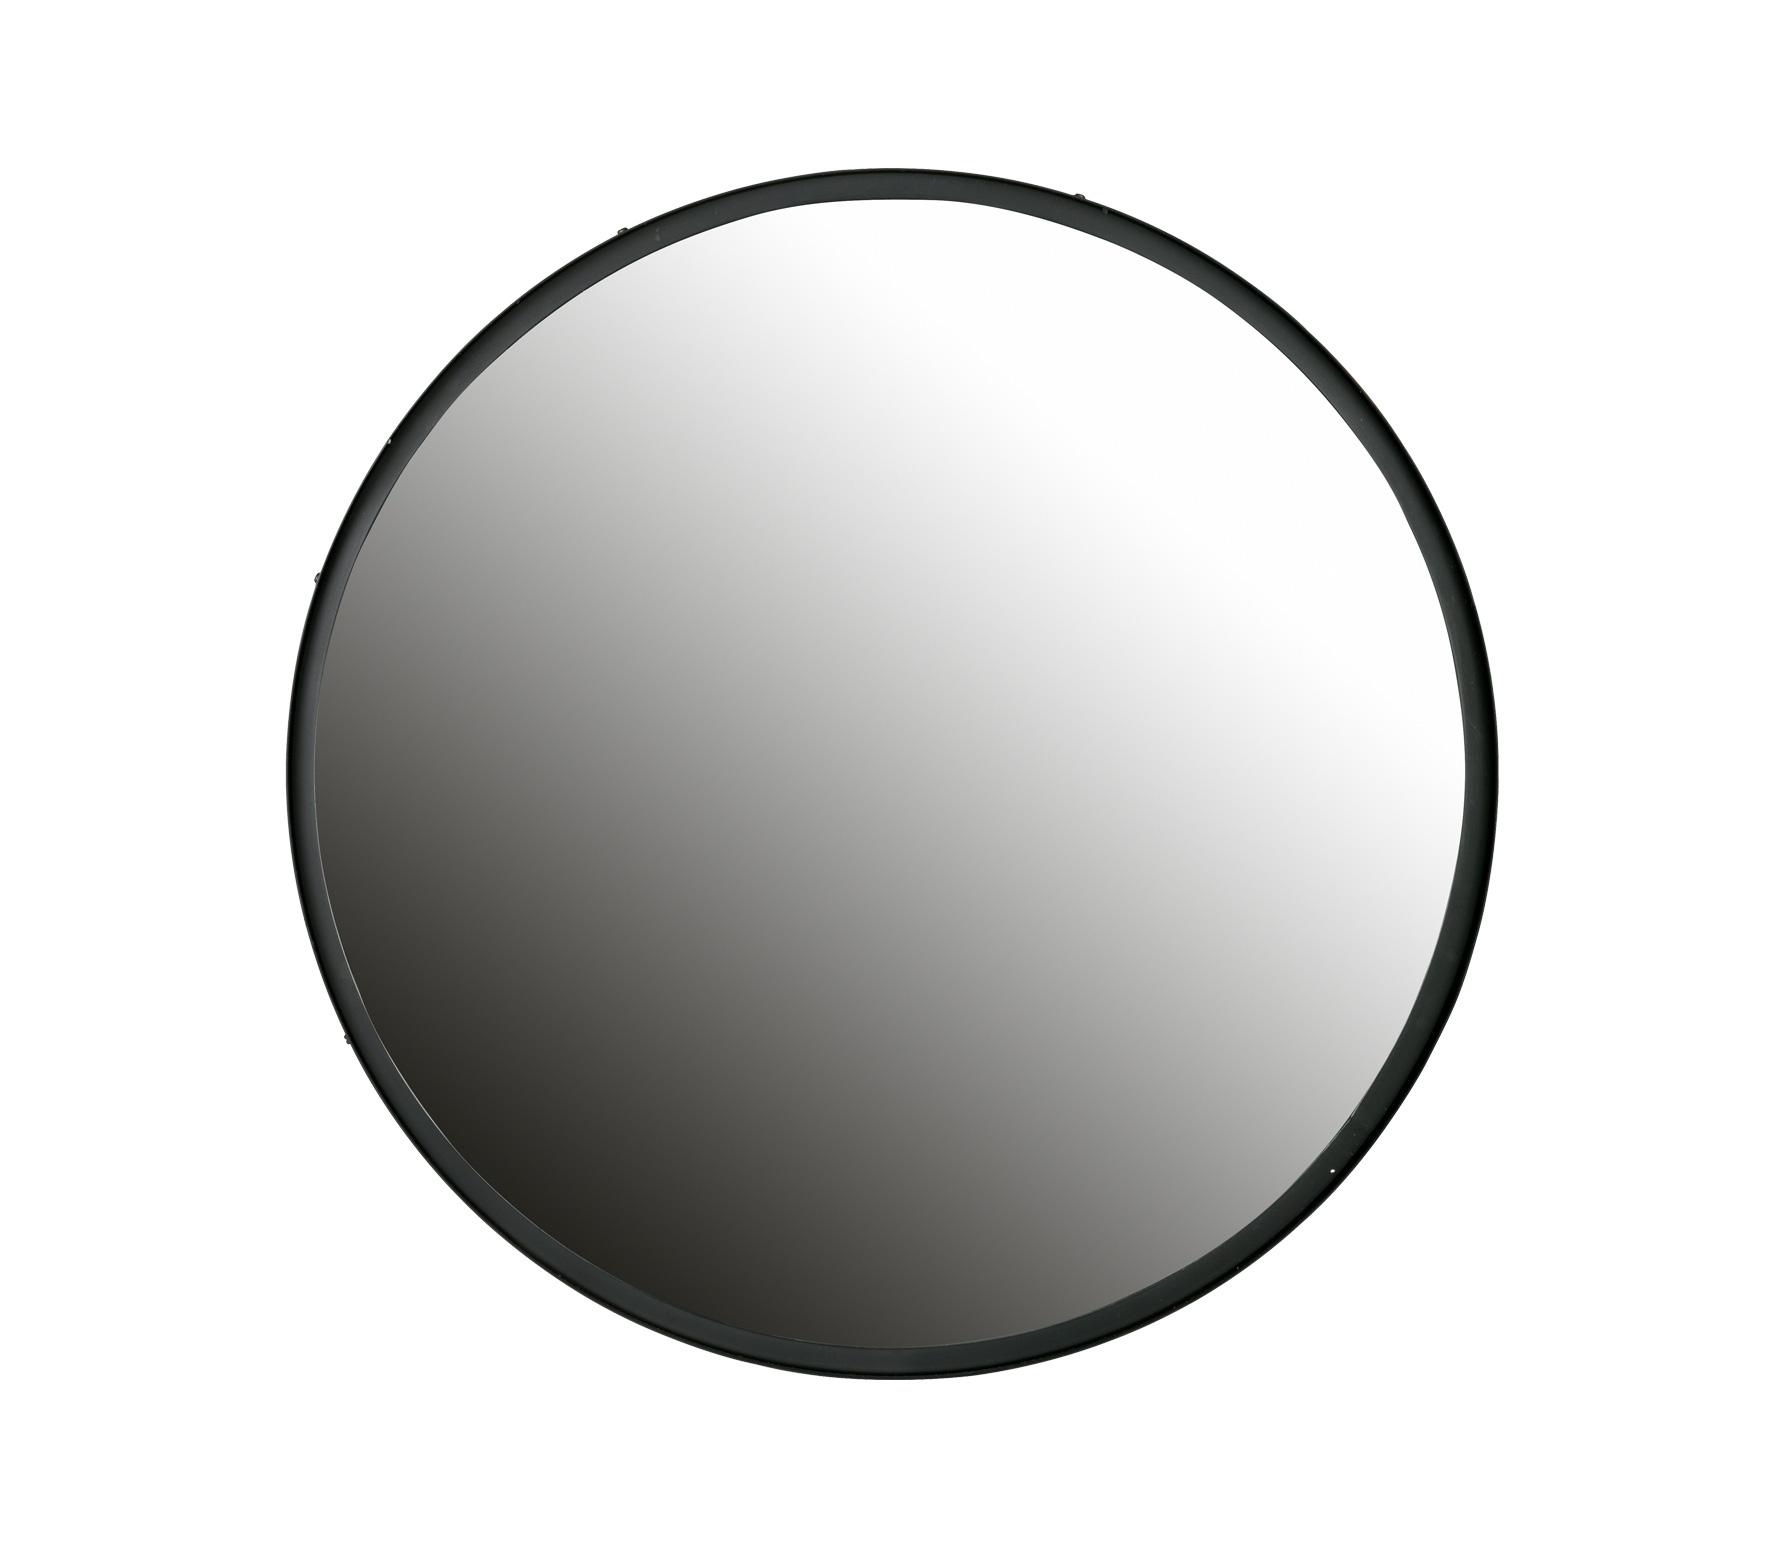 WOOOD Lauren spiegel XL metaal zwart Ø 80 cm